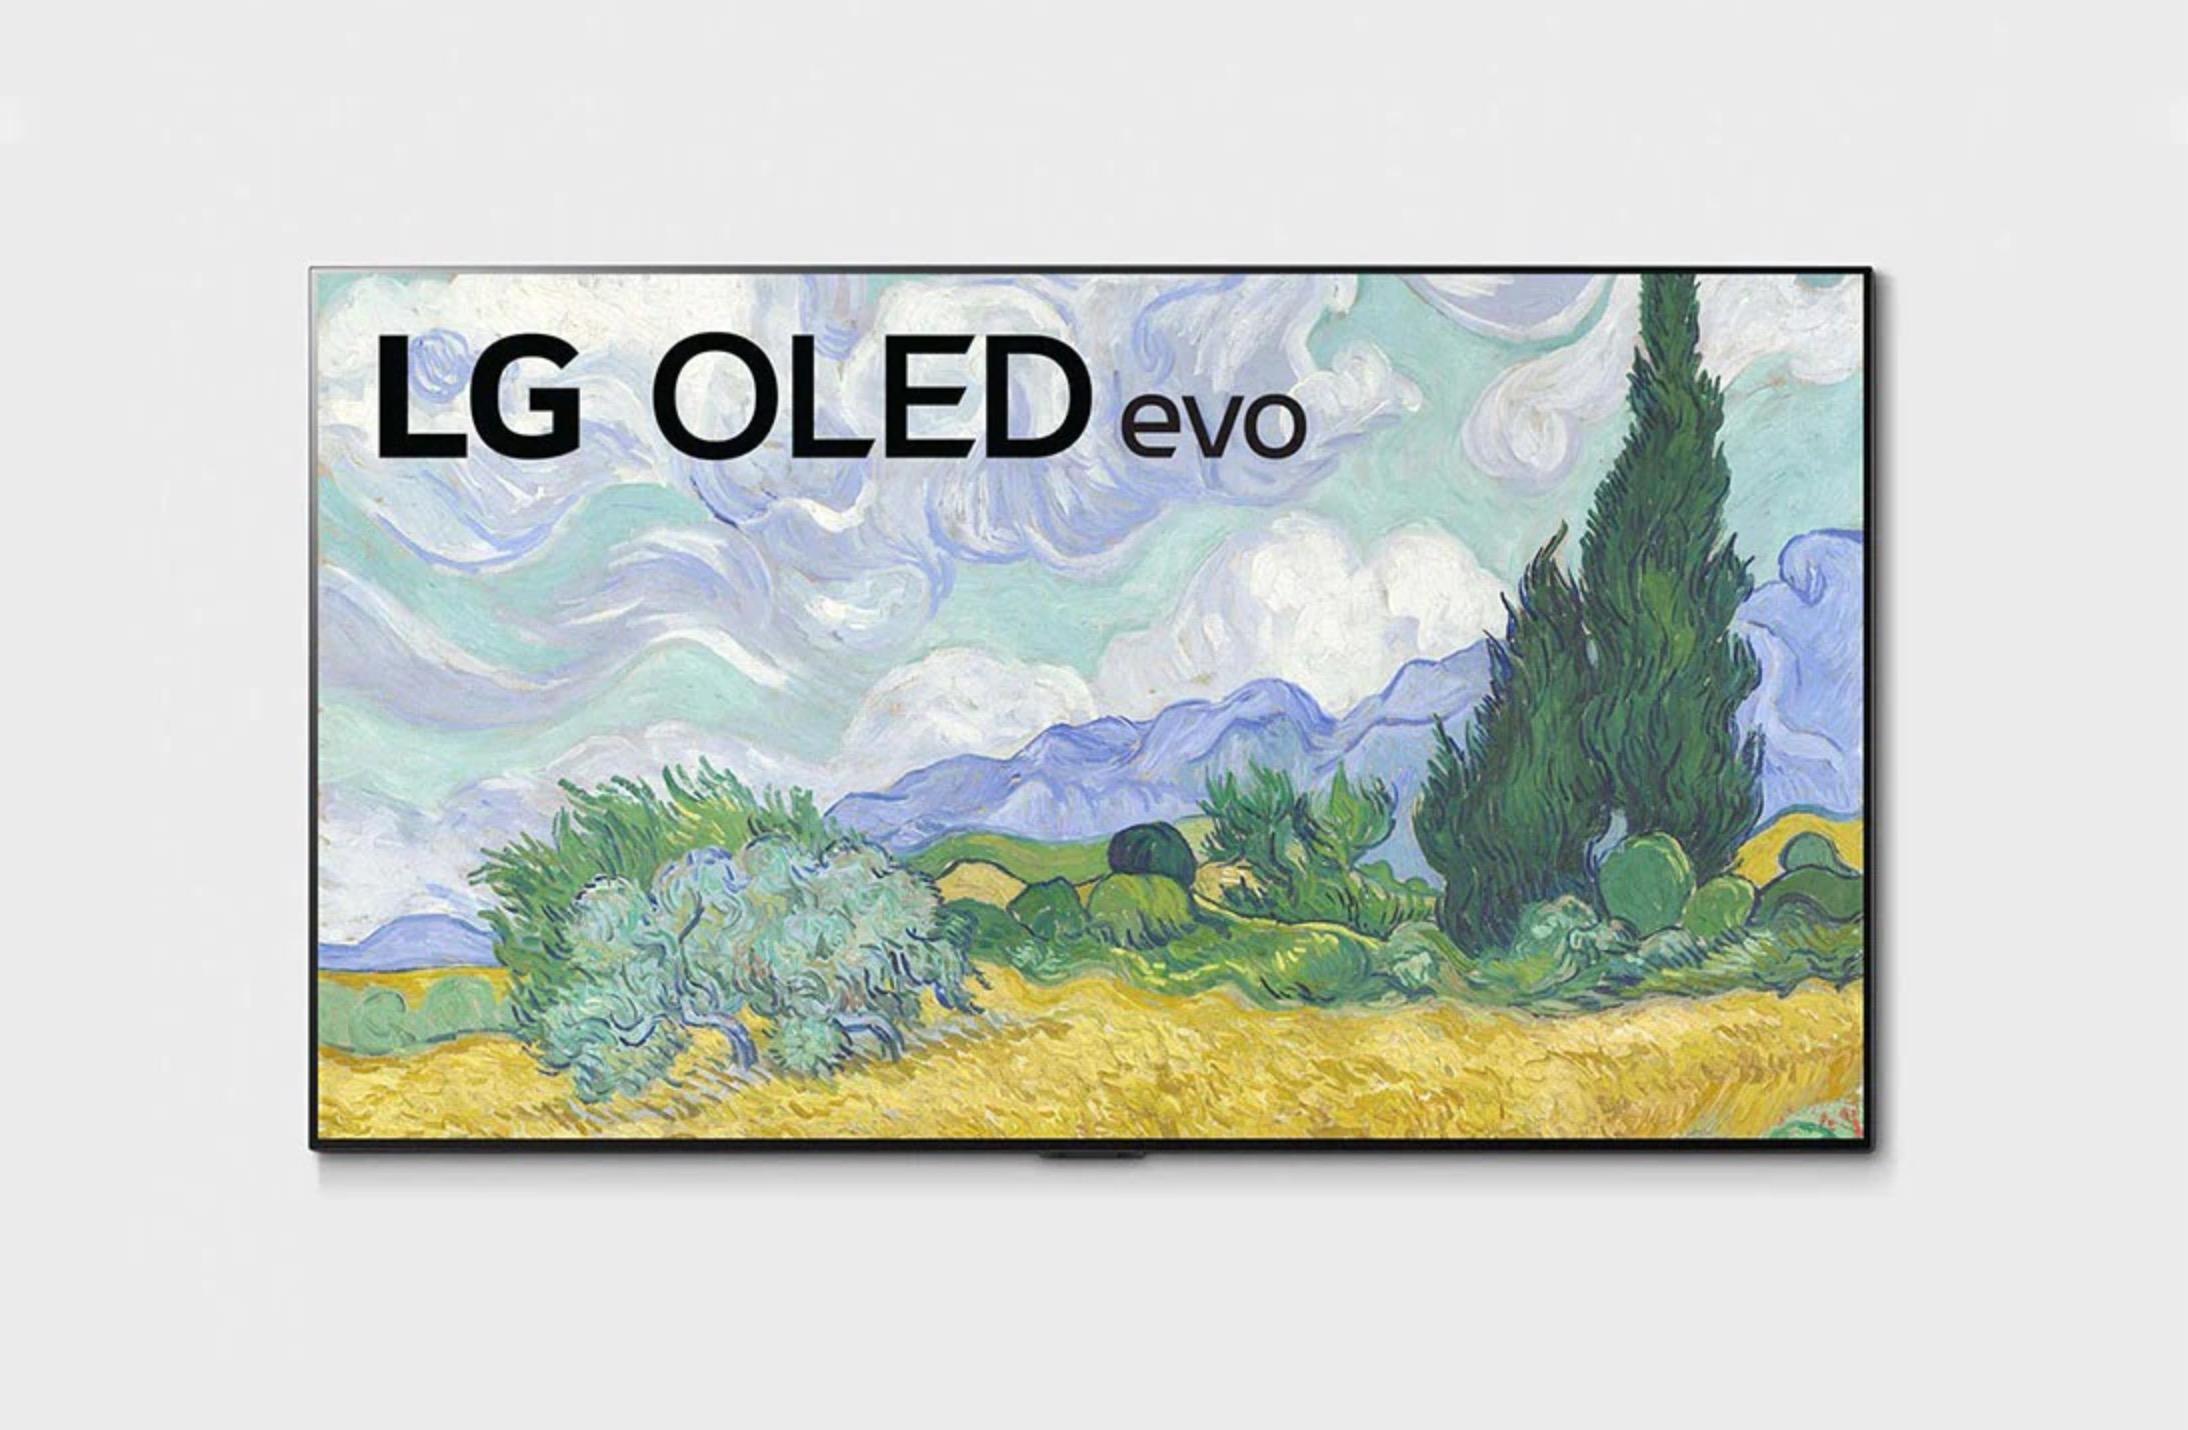 LG ra mắt dòng TV OLED 2021 tại VN, giá khởi điểm từ 33.9 triệu, bản đắt nhất có giá 690 triệu - Ảnh 1.